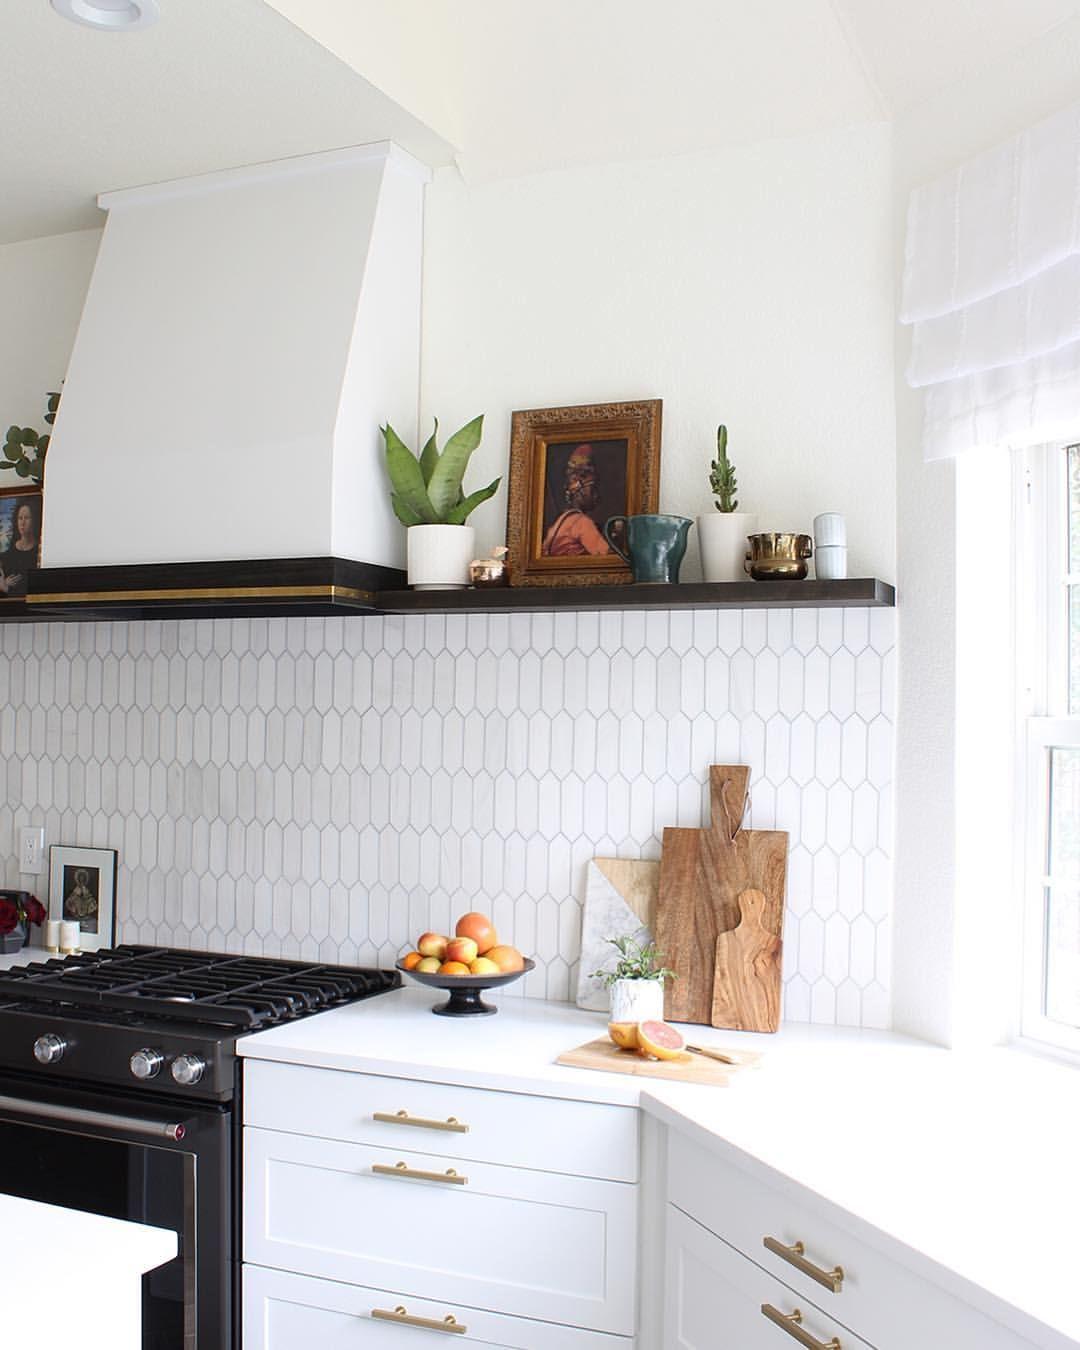 No Upper Kitchen Cabinets Ideas